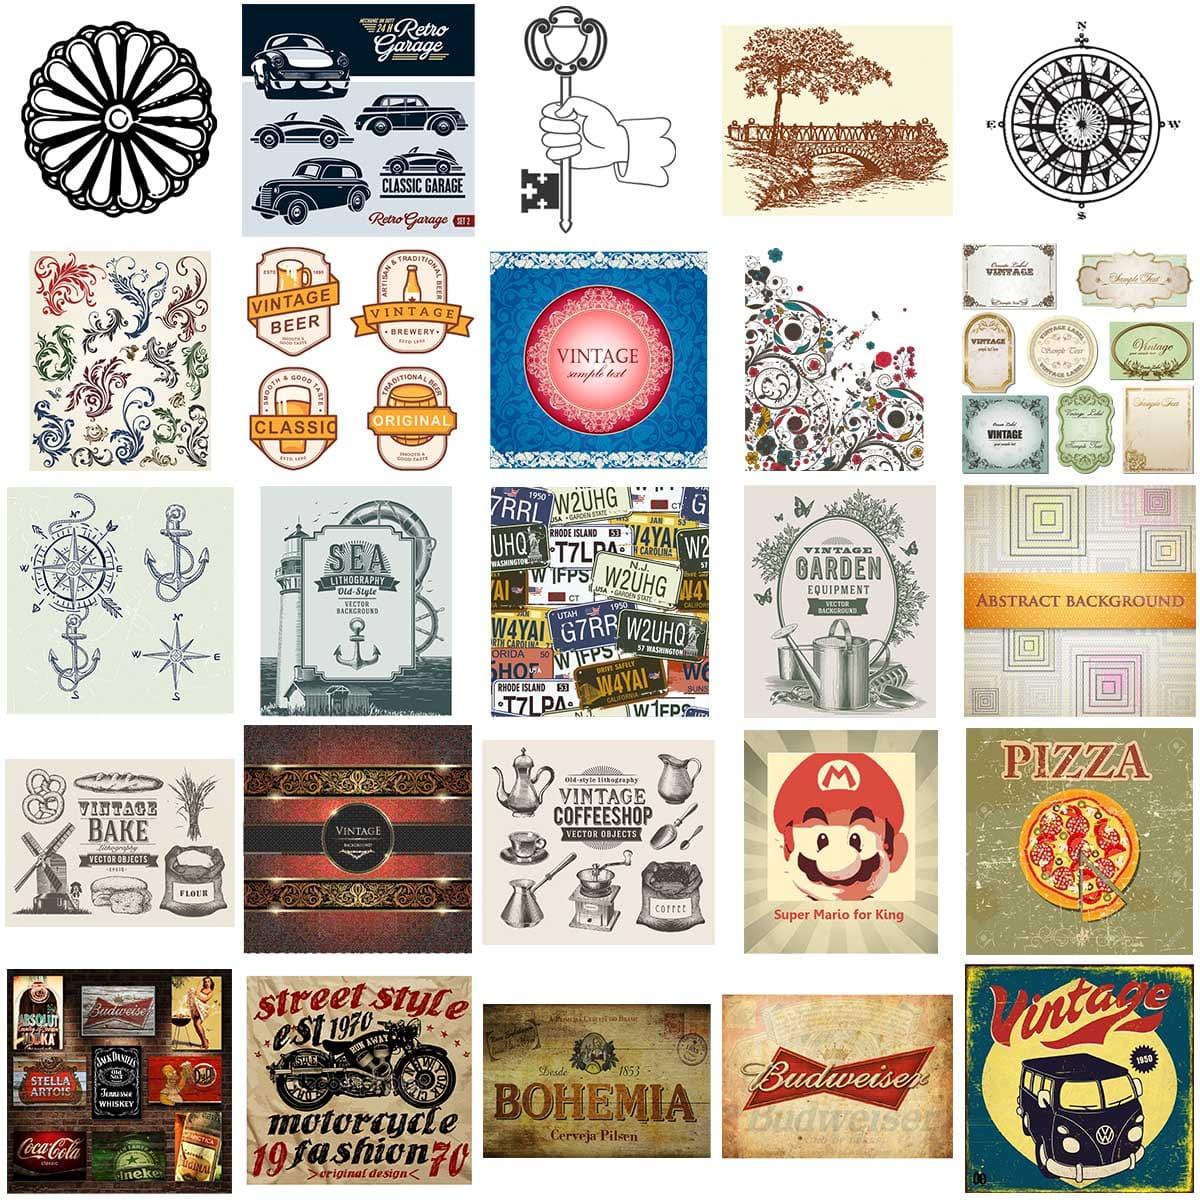 20.000 Vetores Retrô Antigos Vintage Fontes Imagens Posters   - Aprova Cursos